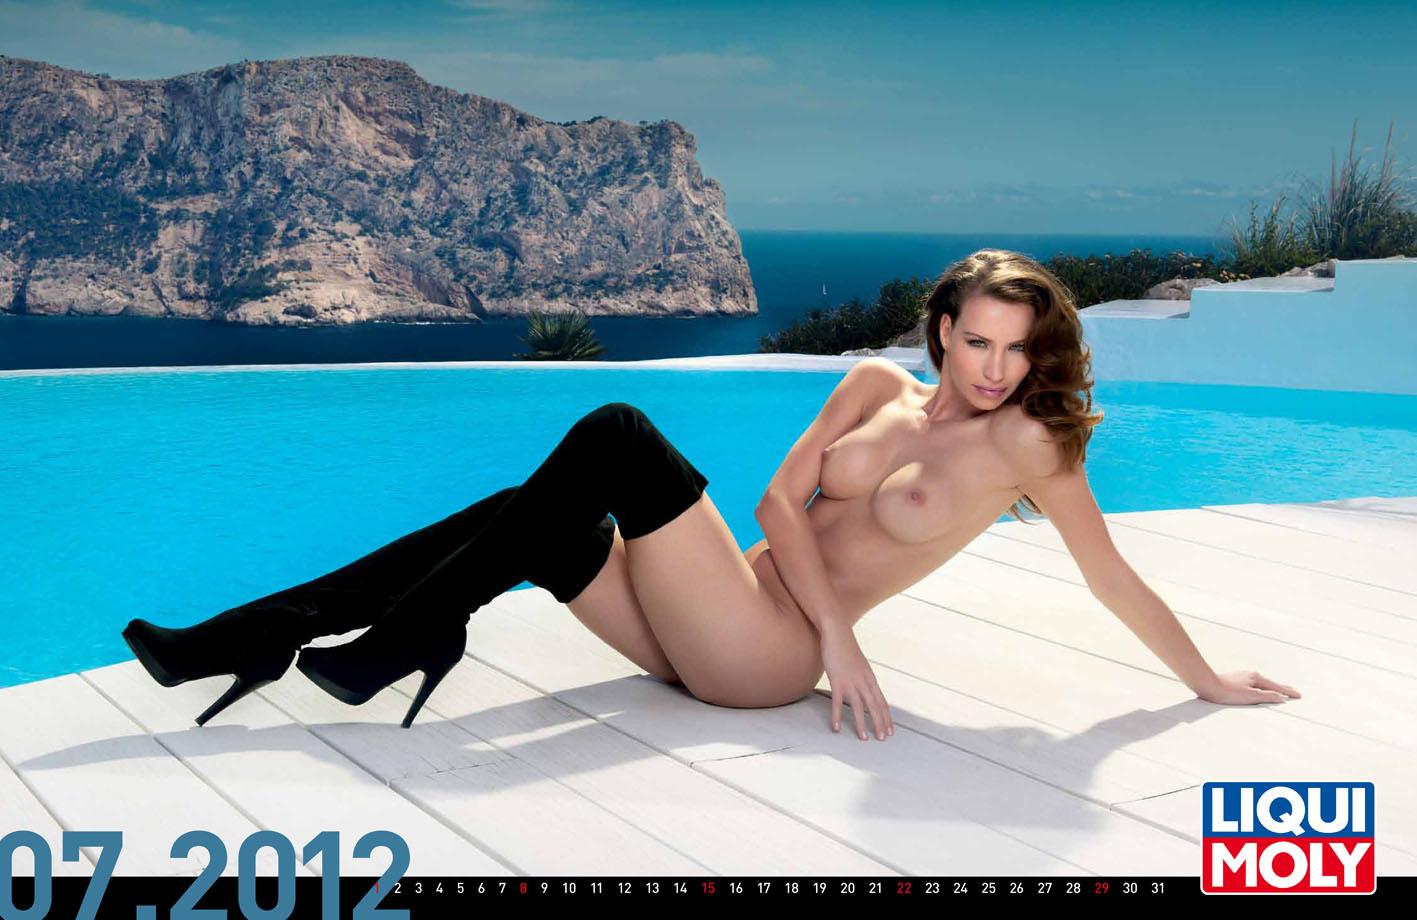 Эротические календари компаний, Эротический календарь страховой компании эрго 24 фотография